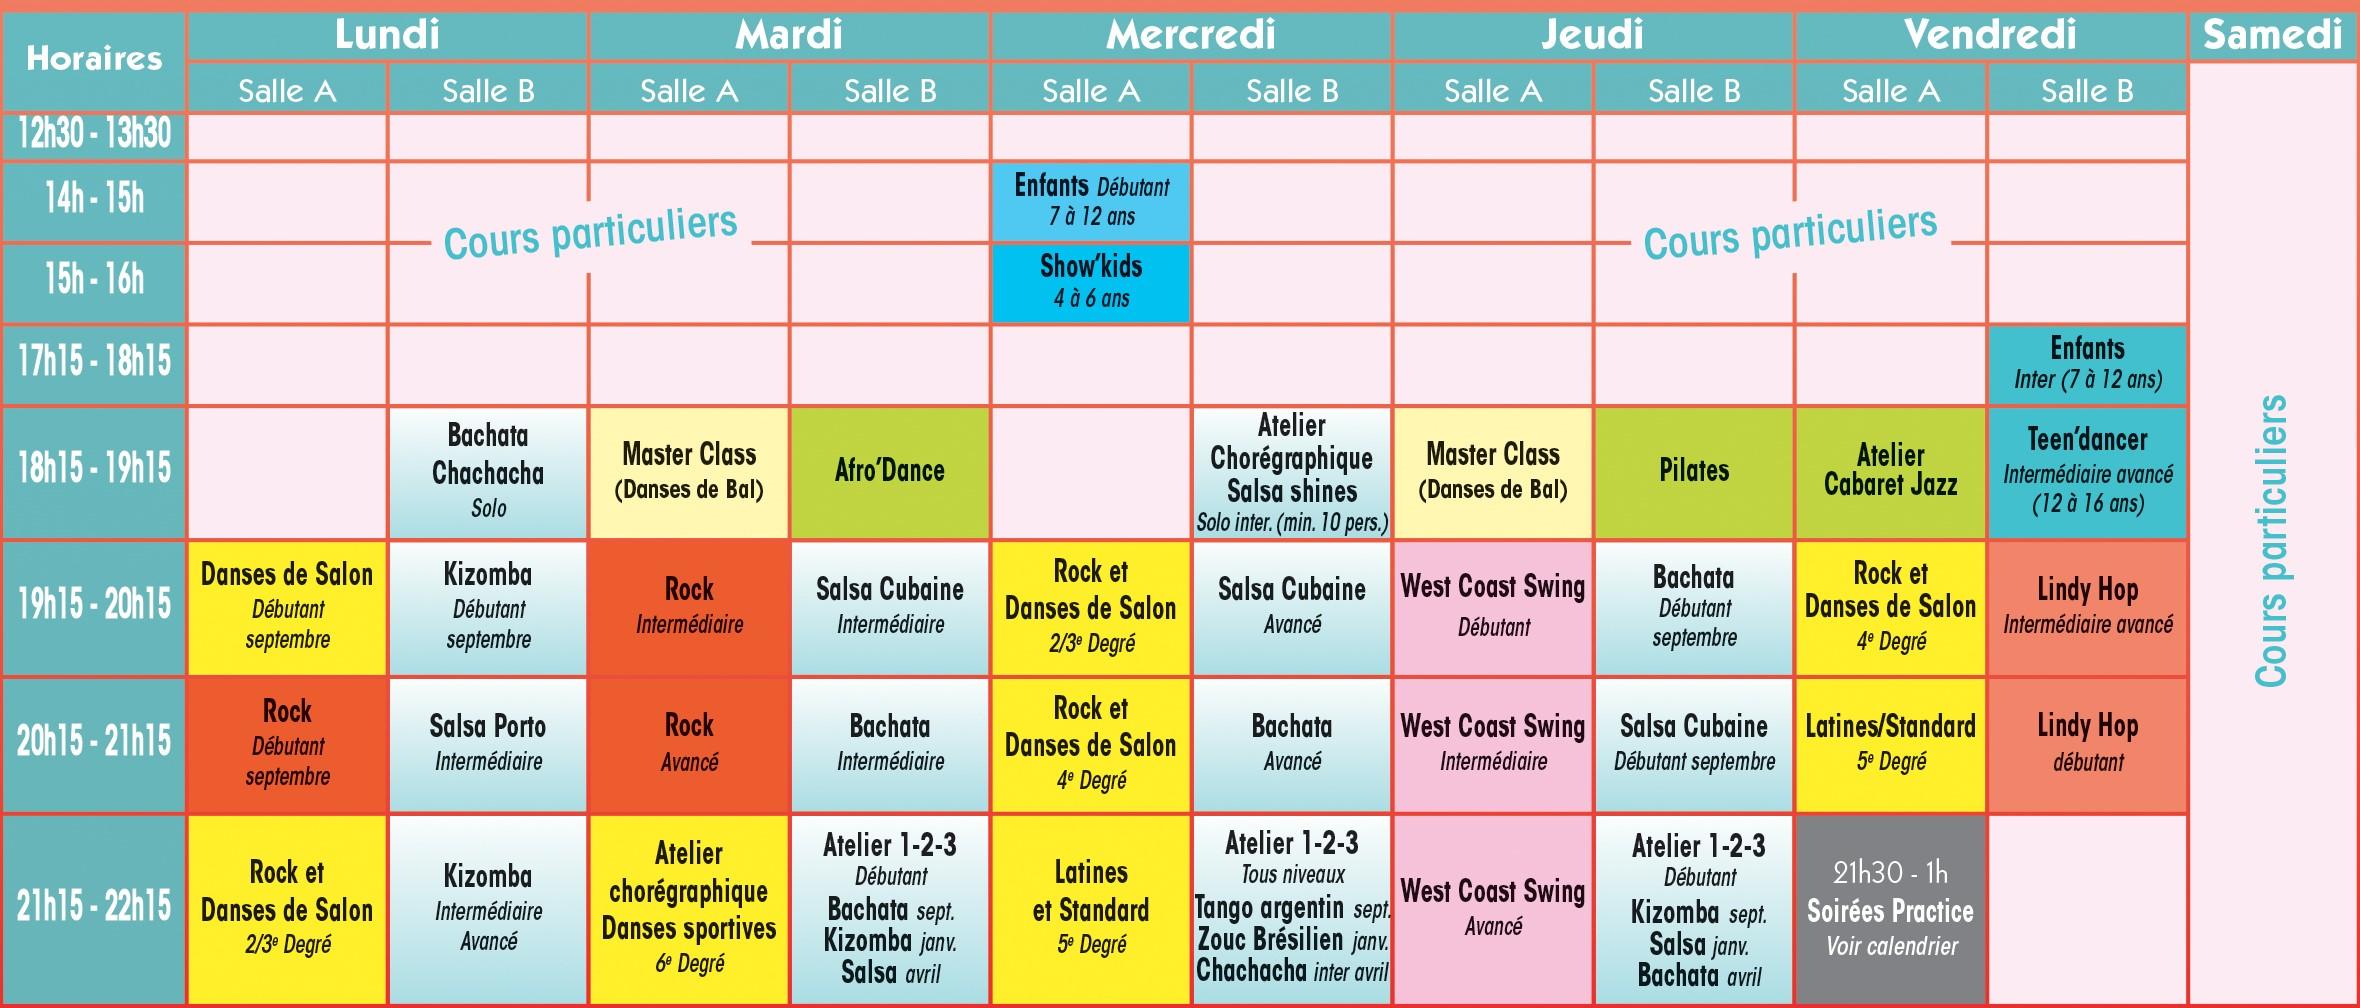 Planning des cours 2016 - 2017 de l'Ecole de danse Philippe Moreau